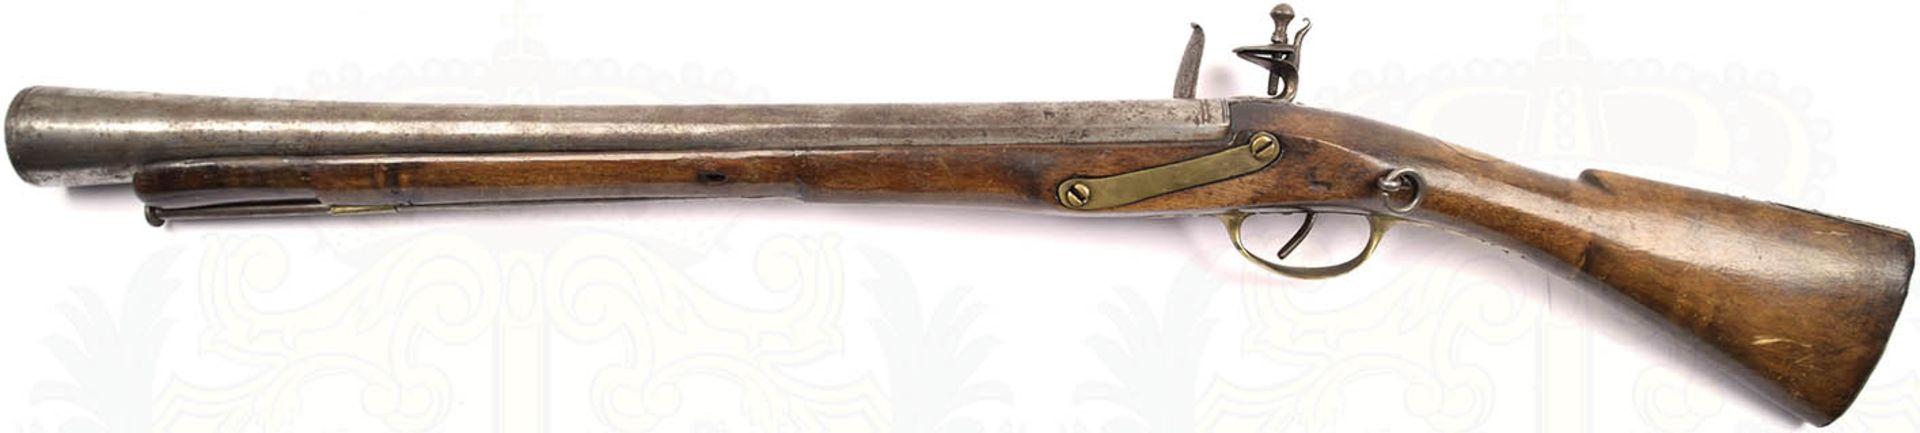 STEINSCHLOßTROMBLON, Italien, um 1800, glatter Lauf m. undeutlicher Punze u. kleinen Närbchen, - Bild 3 aus 3